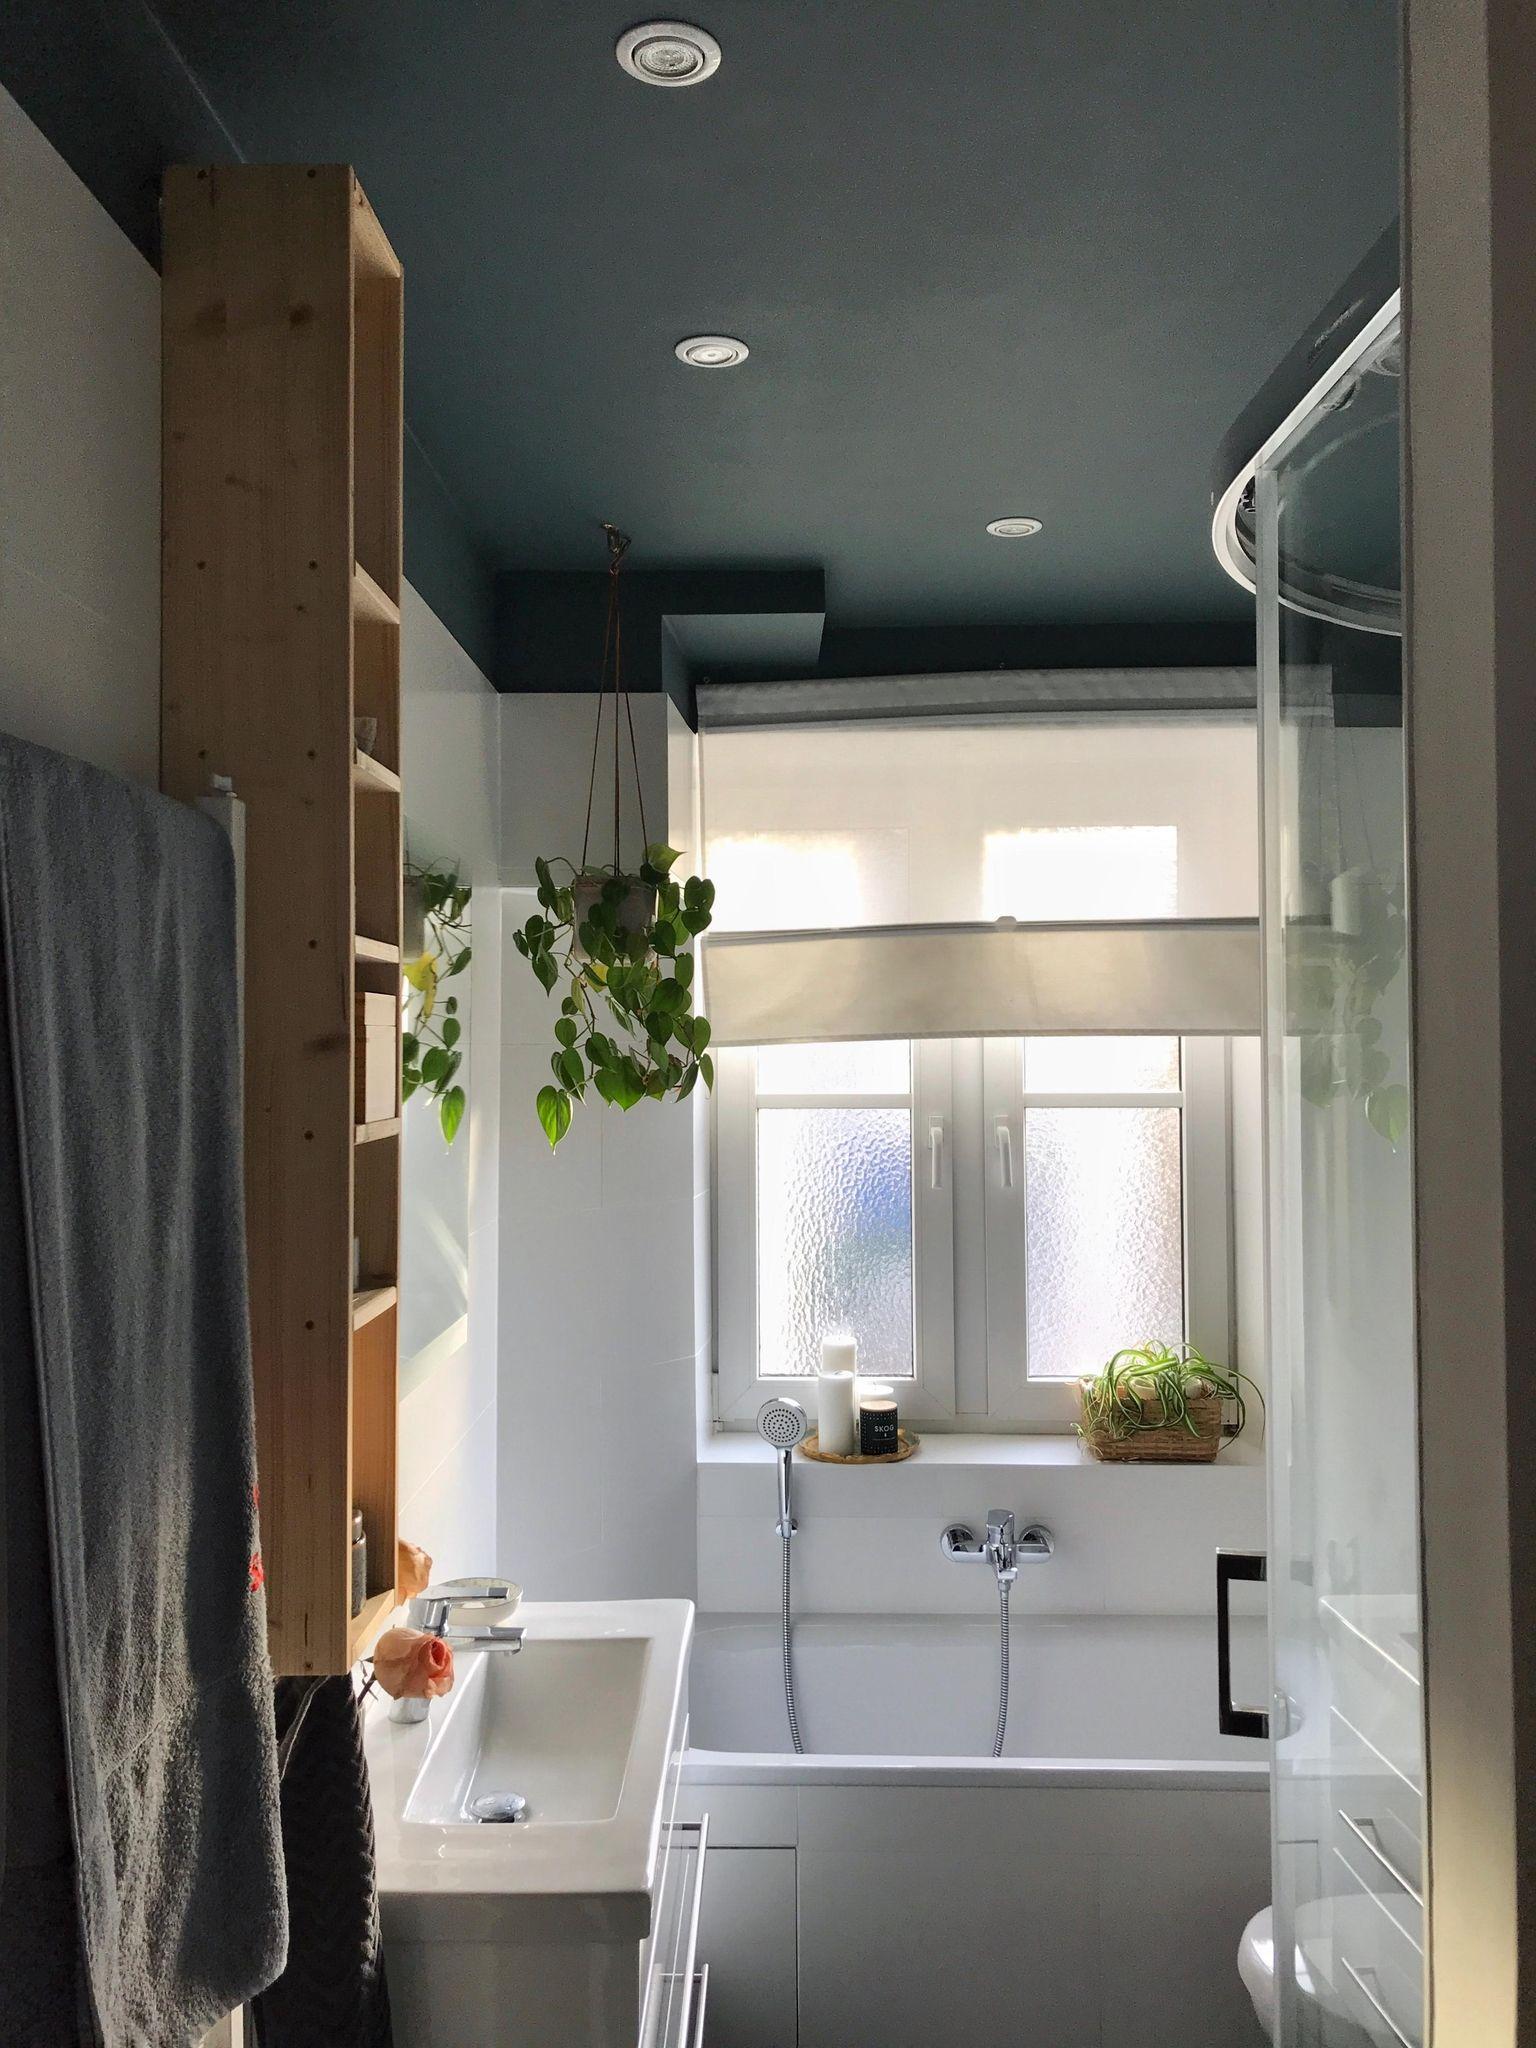 Bad Dunkledecke Farbeimbad Kleinaberfein Minibad In 2020 Dunkle Decke Badezimmer Streichen Badezimmer Klein